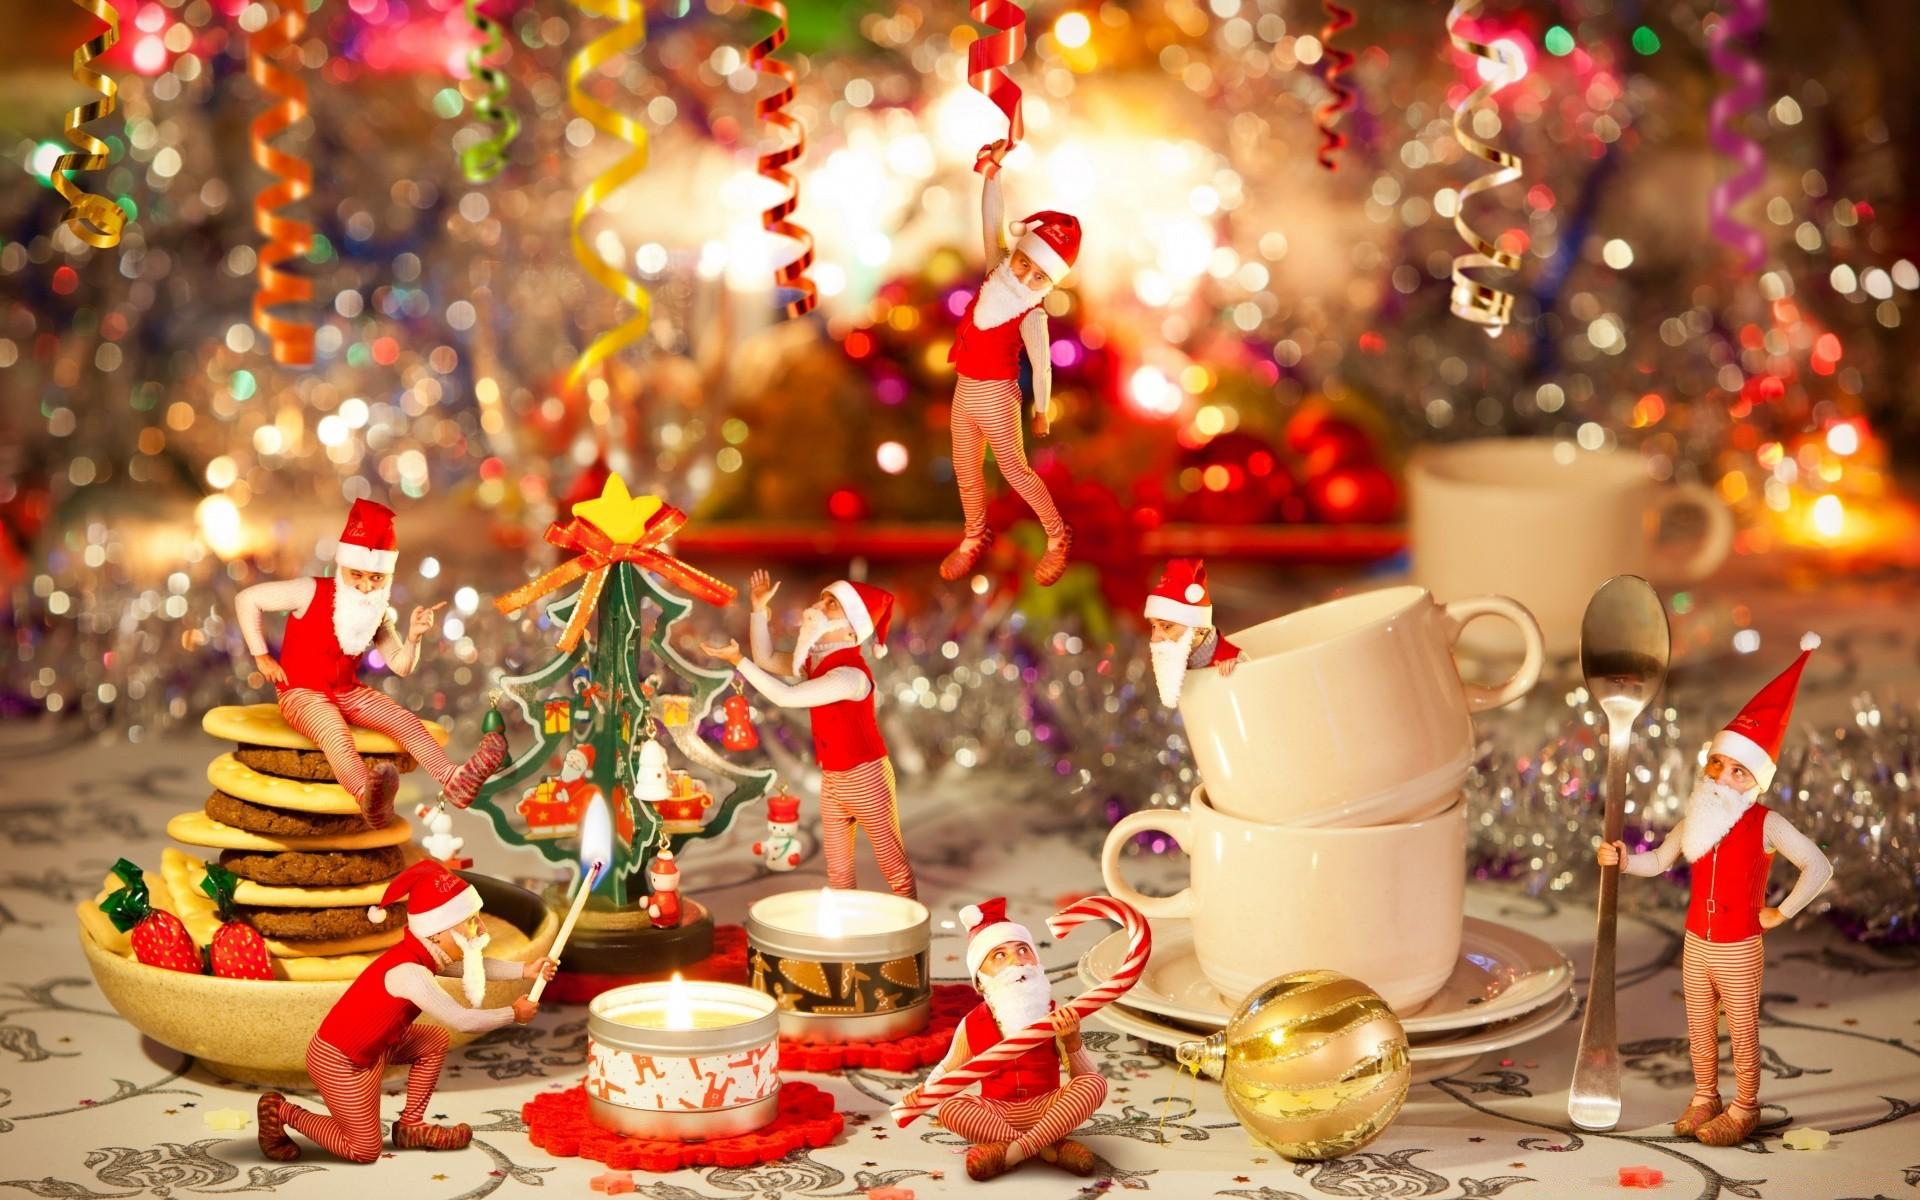 почтальон мышка картинки новогоднее настроение на рабочий стол чего перезагрузите